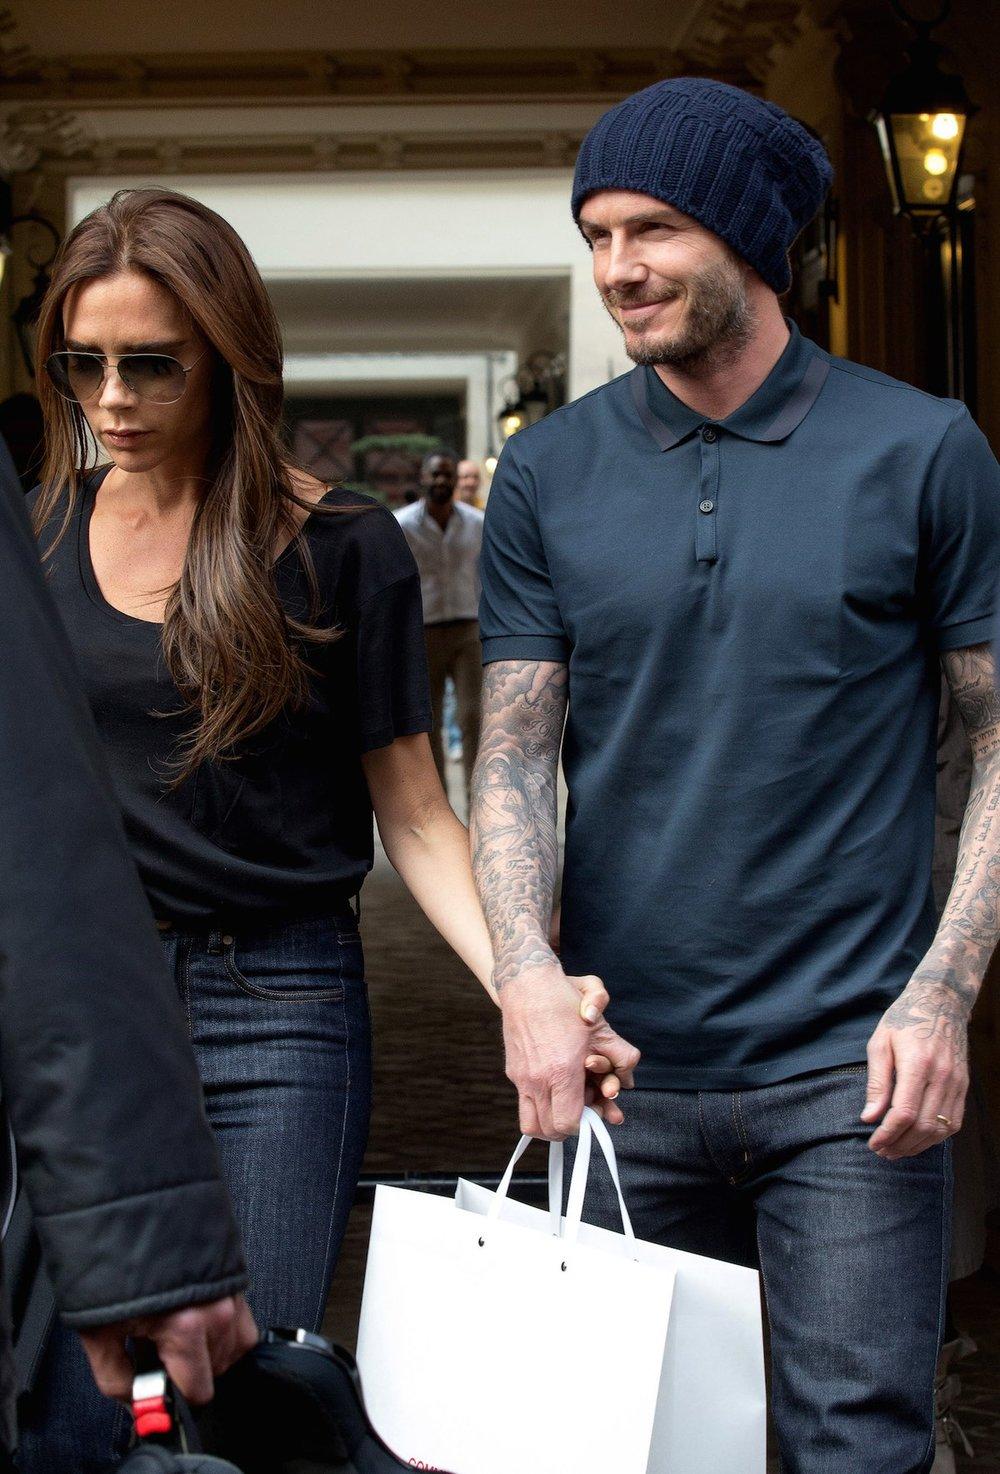 fechando o último botão Se combina com o resto das roupas e com o seu estilo, invista num colarinho fechado. Se olhou no espelho e gostou do resultado, pronto. David Beckham tá aí para mostrar que funciona.